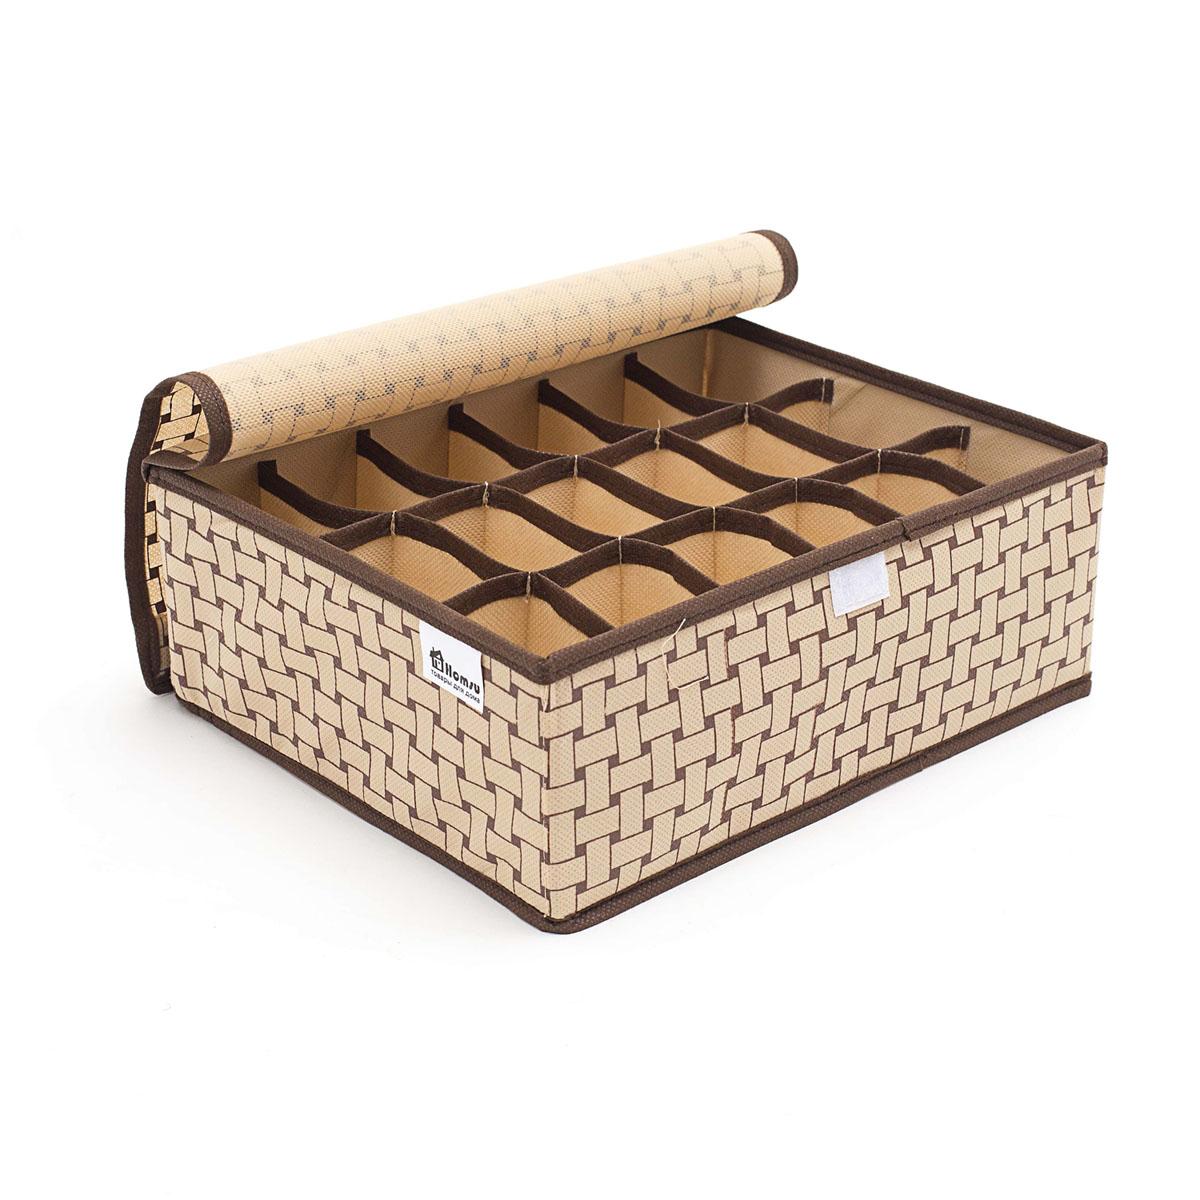 Органайзер для хранения вещей Homsu Pletenka, 18 секций, 31 х 24 х 11 см6113MКомпактный складной органайзер Homsu Pletenka изготовлен из высококачественного полиэстера, который обеспечивает естественную вентиляцию. Материал позволяет воздуху свободно проникать внутрь, но не пропускает пыль. Органайзер отлично держит форму, благодаря вставкам из плотного картона. Изделие имеет 18 квадратных секций для хранения нижнего белья, колготок, носков и другой одежды.Такой органайзер позволит вам хранить вещи компактно и удобно, а оригинальный дизайн сделает вашу гардеробную красивой и невероятно стильной.